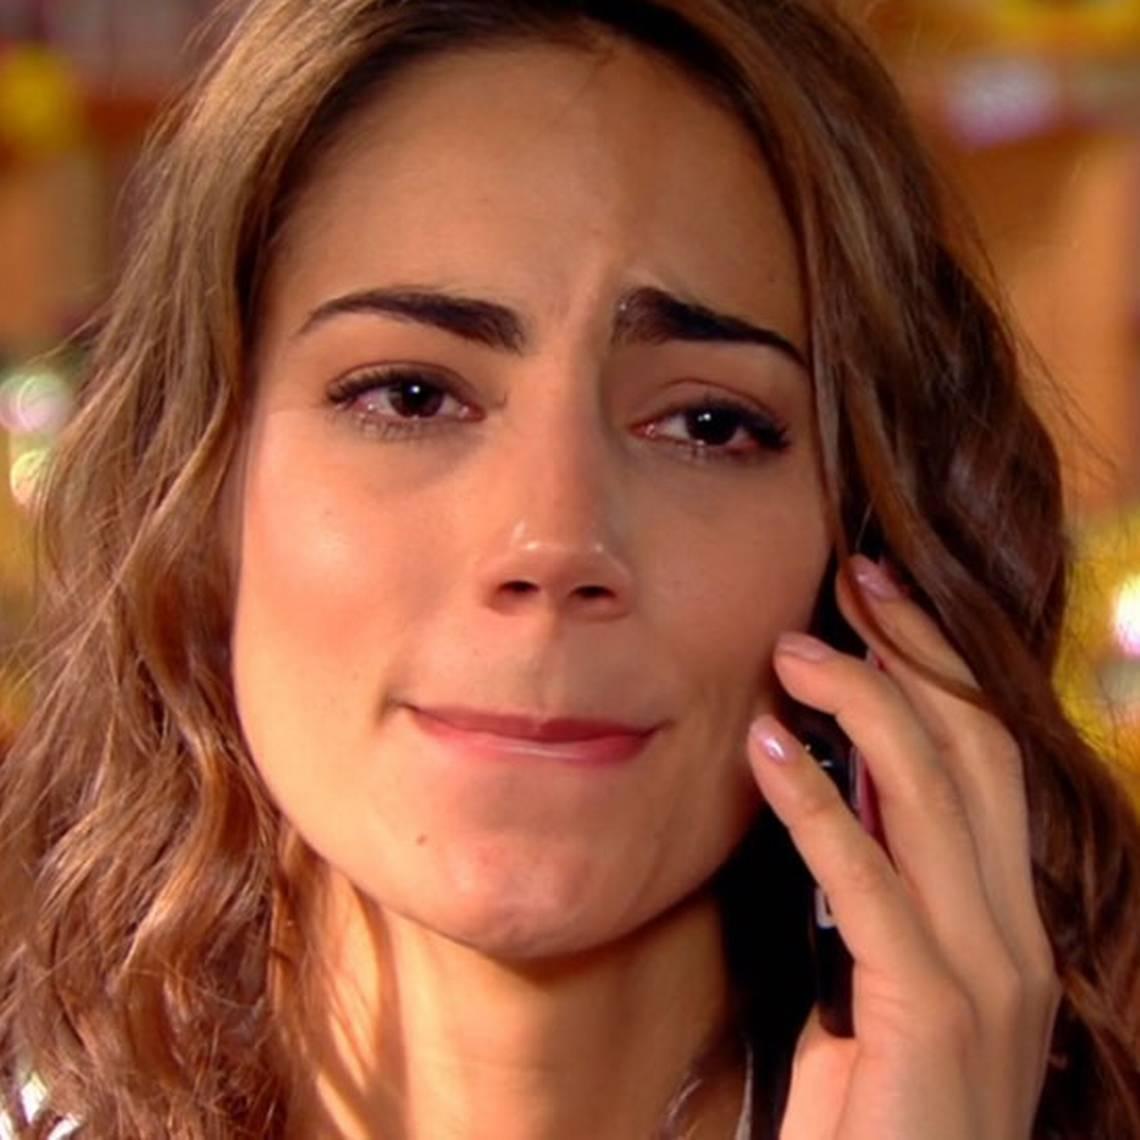 El llamado que dejó asustada a Ángela